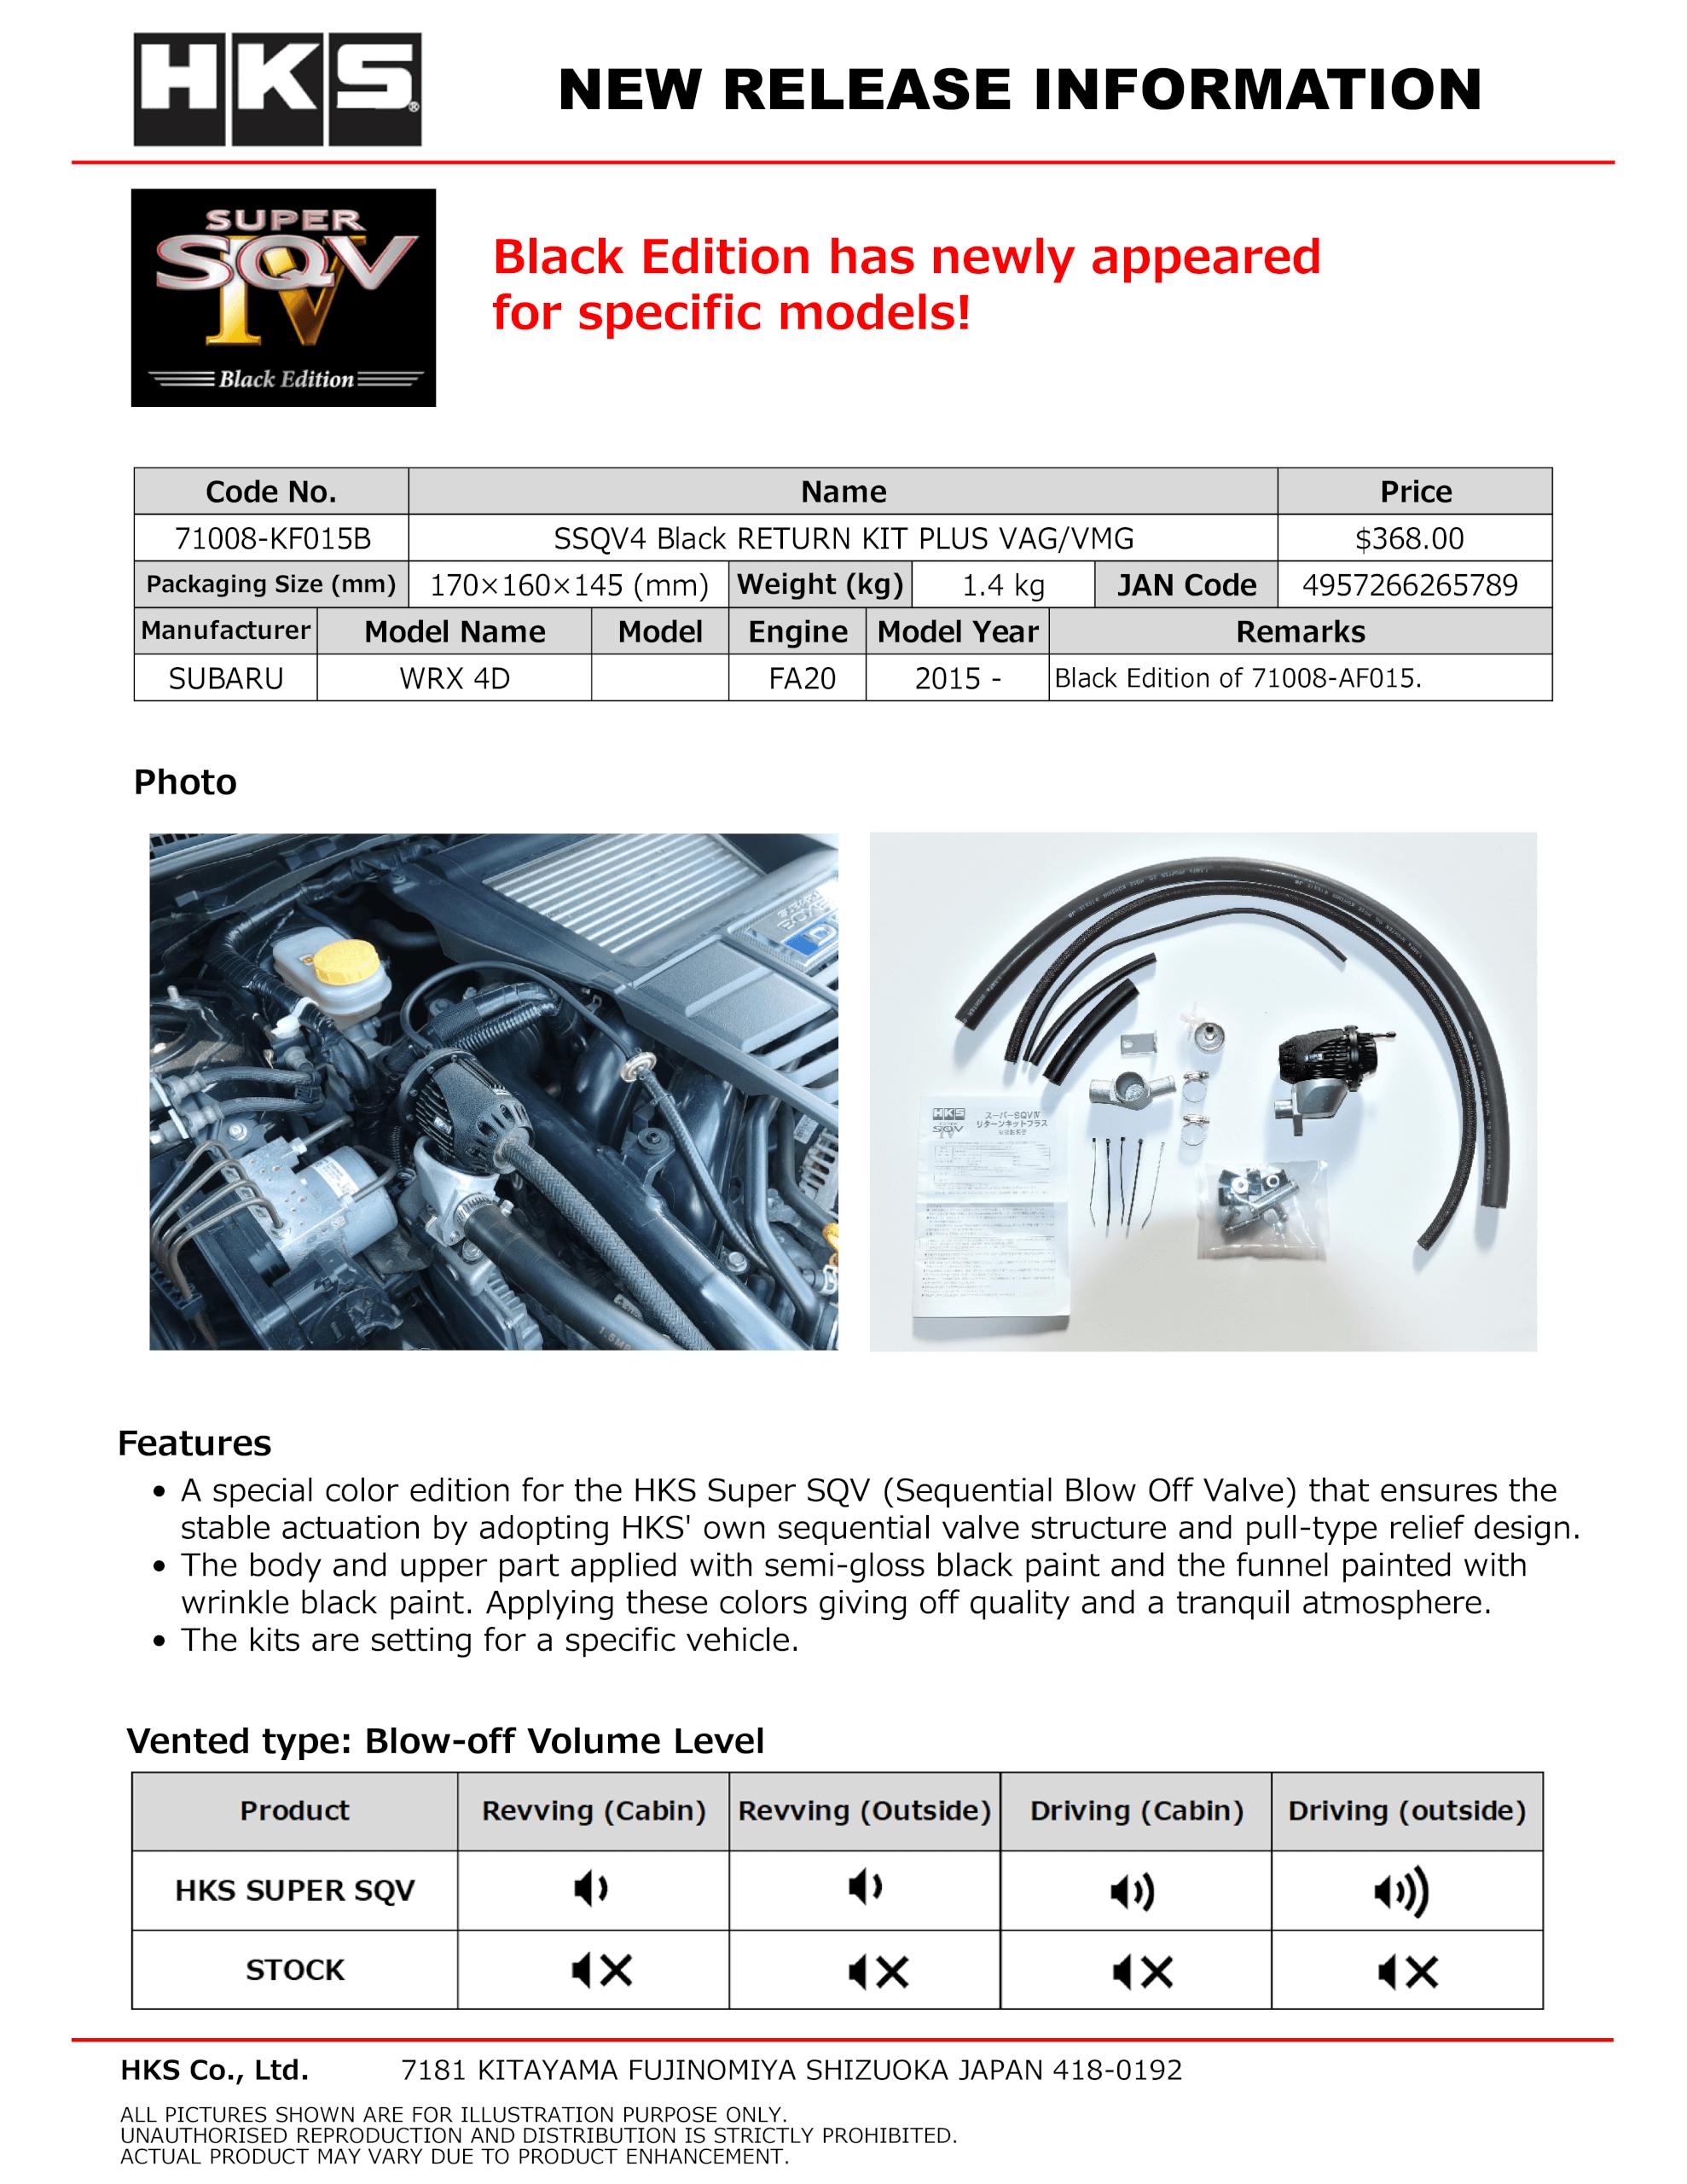 71008-KF0015B_SSQV4 Black RETURN KIT PLUS VAGVMG.png